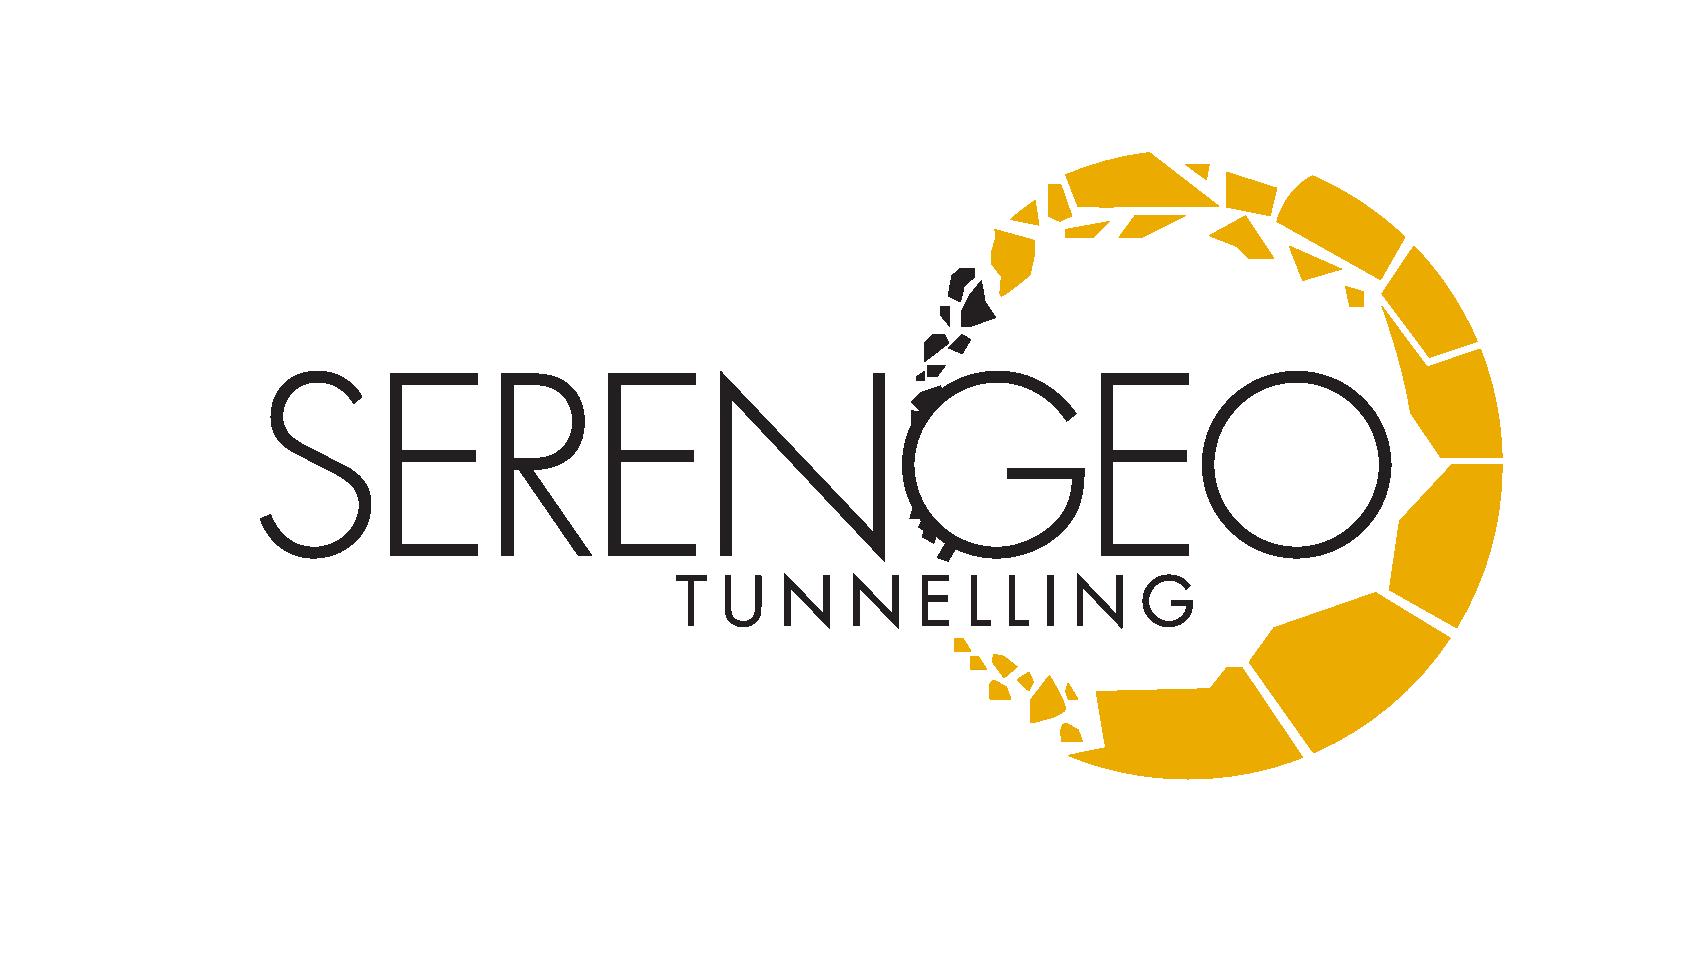 SERENGEO-Tunnelling